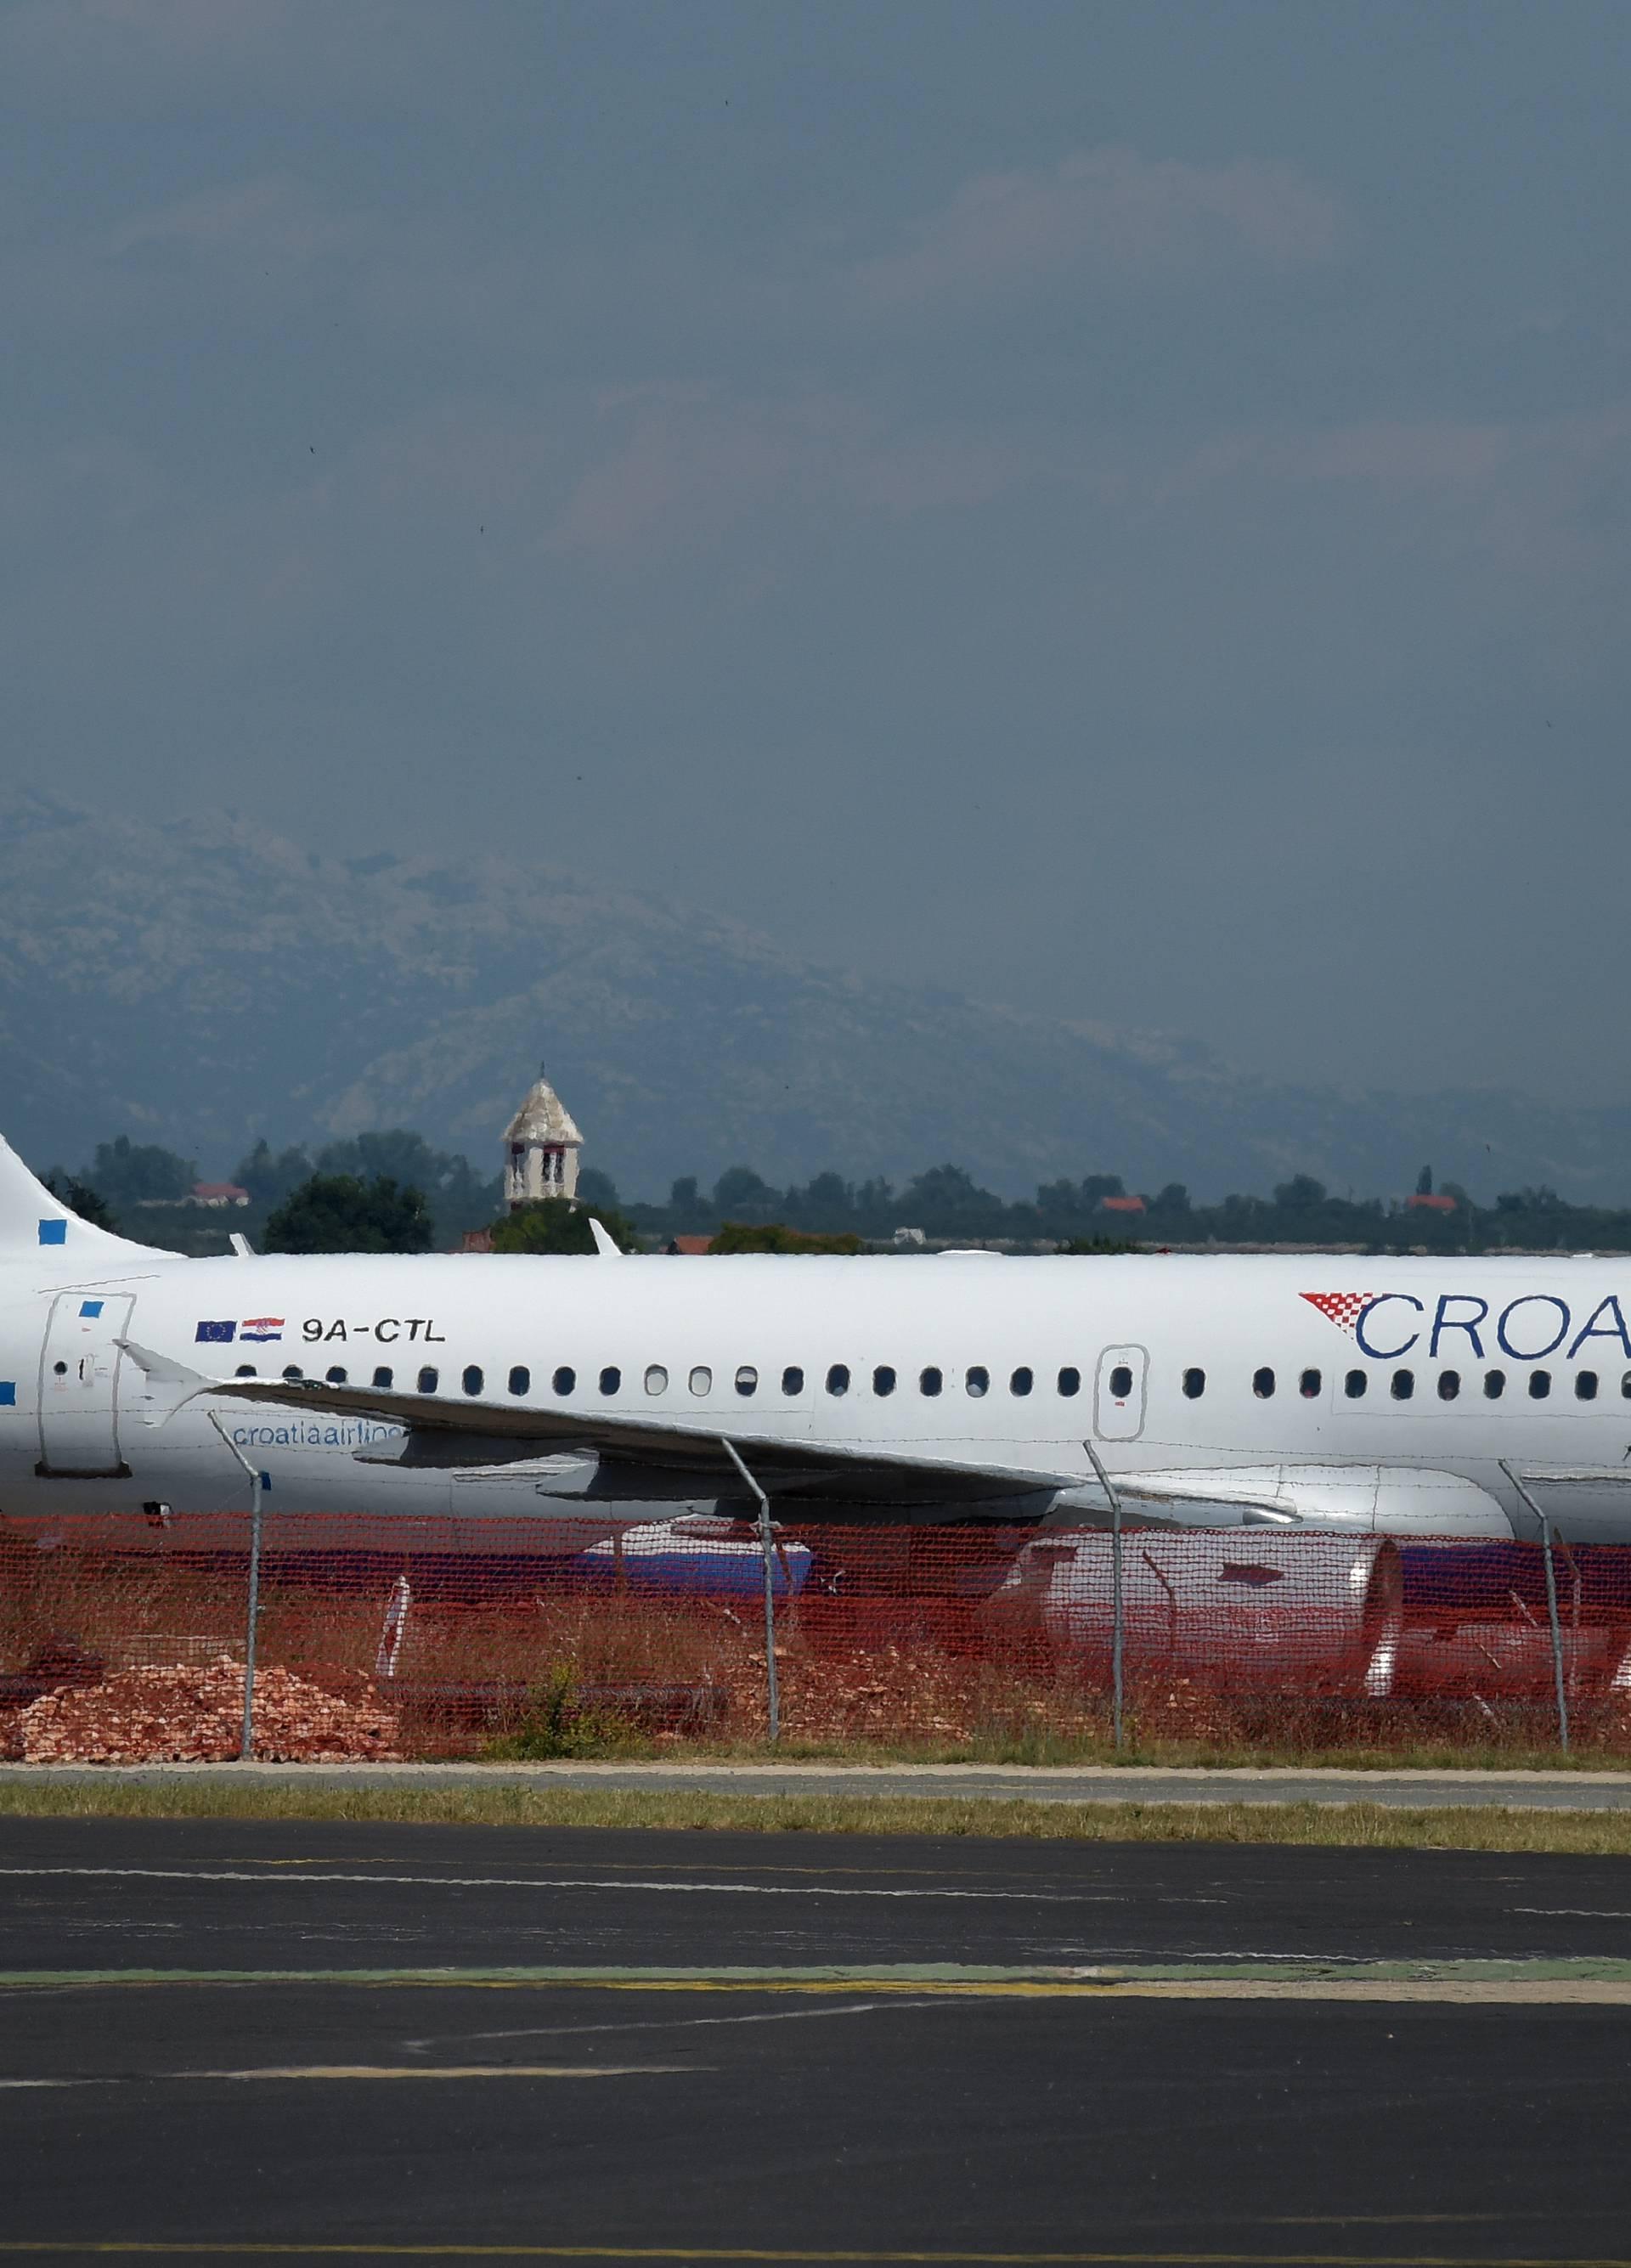 Radnici Croatie Airlines neće u štrajk, avioni će letjeti redovno